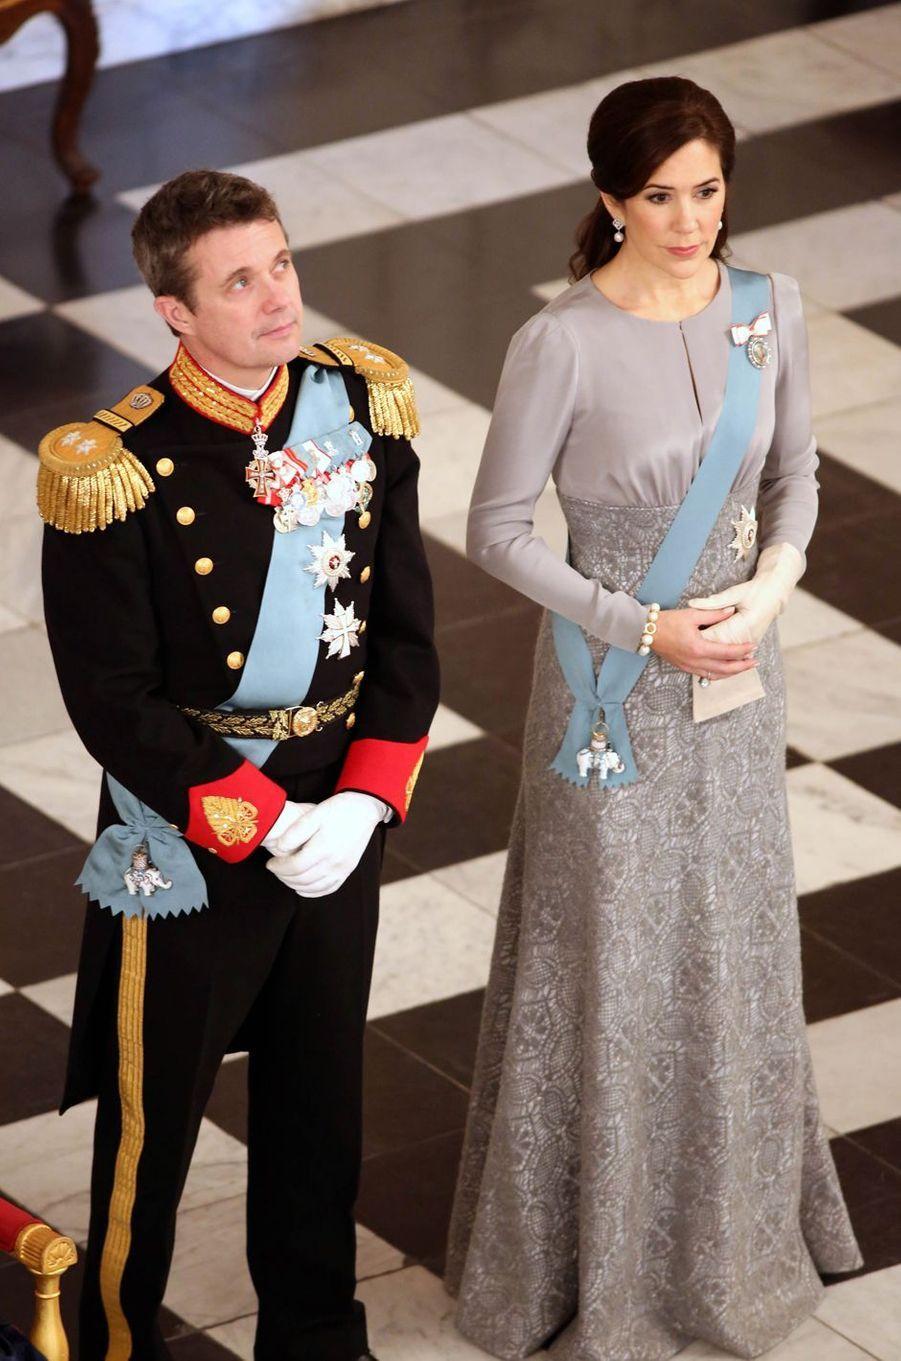 La princesse Mary et le prince Frederik de Danemark à Copenhague, le 3 janvier 2019